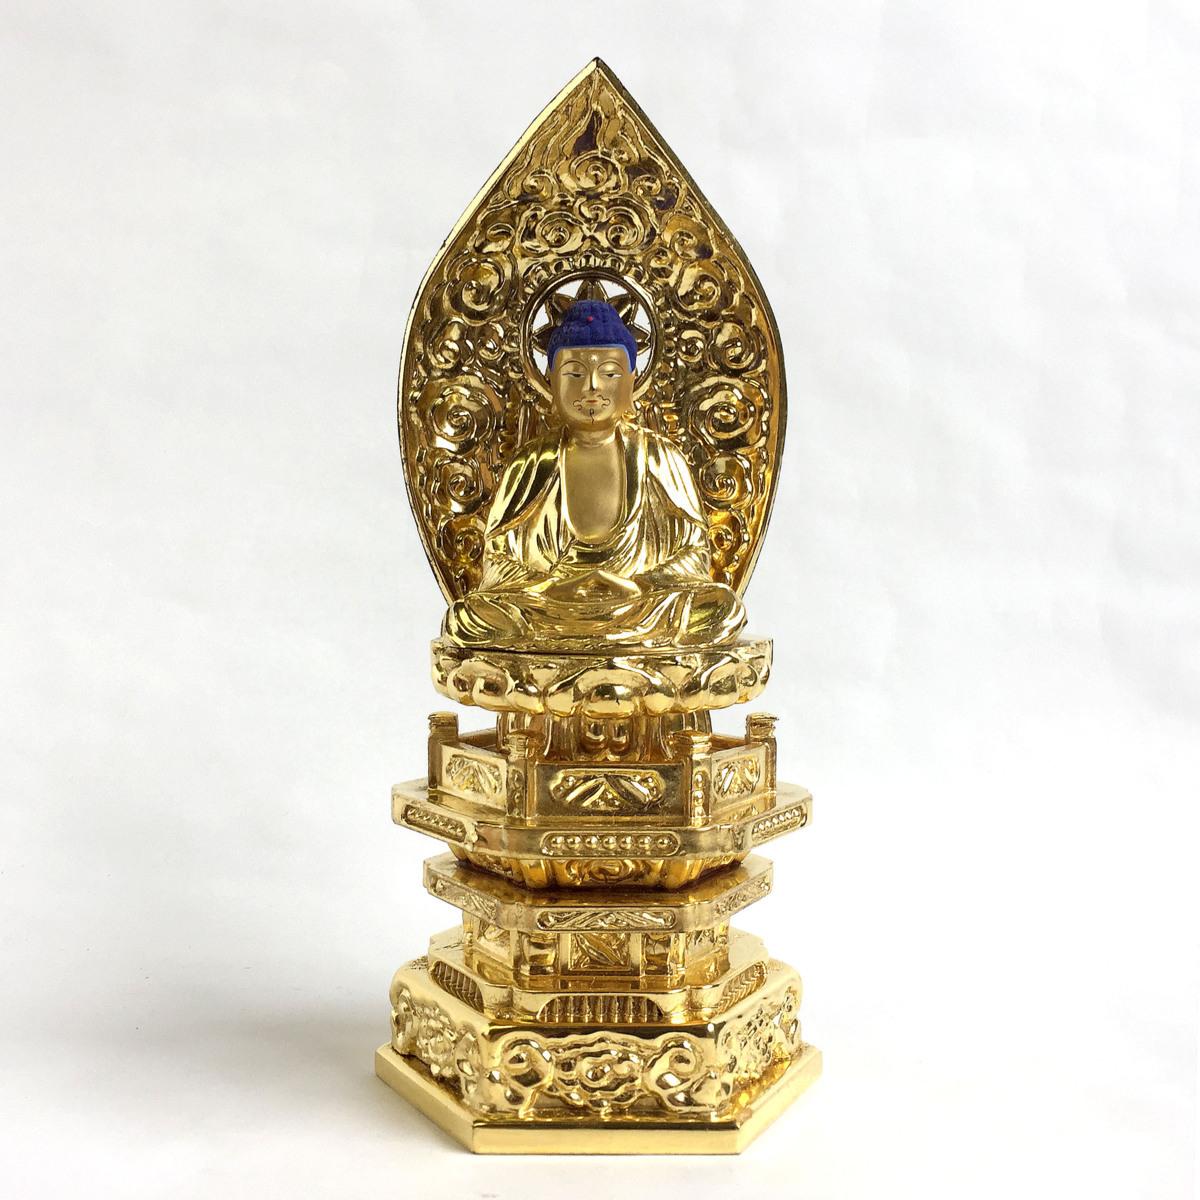 2345 座釈迦 釈迦如来 座像 ご本尊 仏像 仏教 純金中七肌粉仕上げ 2.0号 高さ約21cm リサイクル アンティーク 紀の国屋_画像1